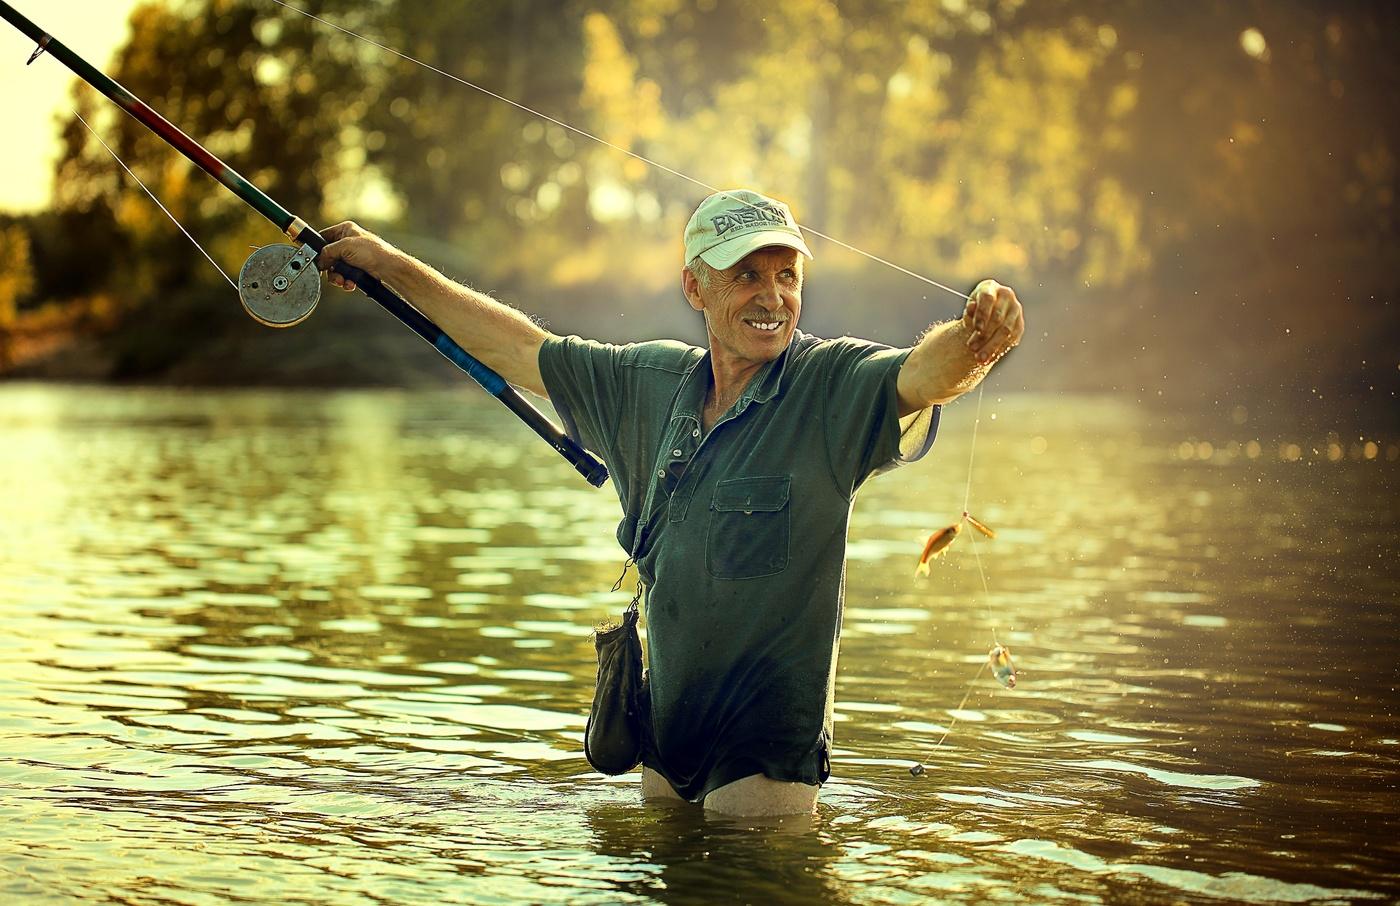 Смотреть картинки рыбака